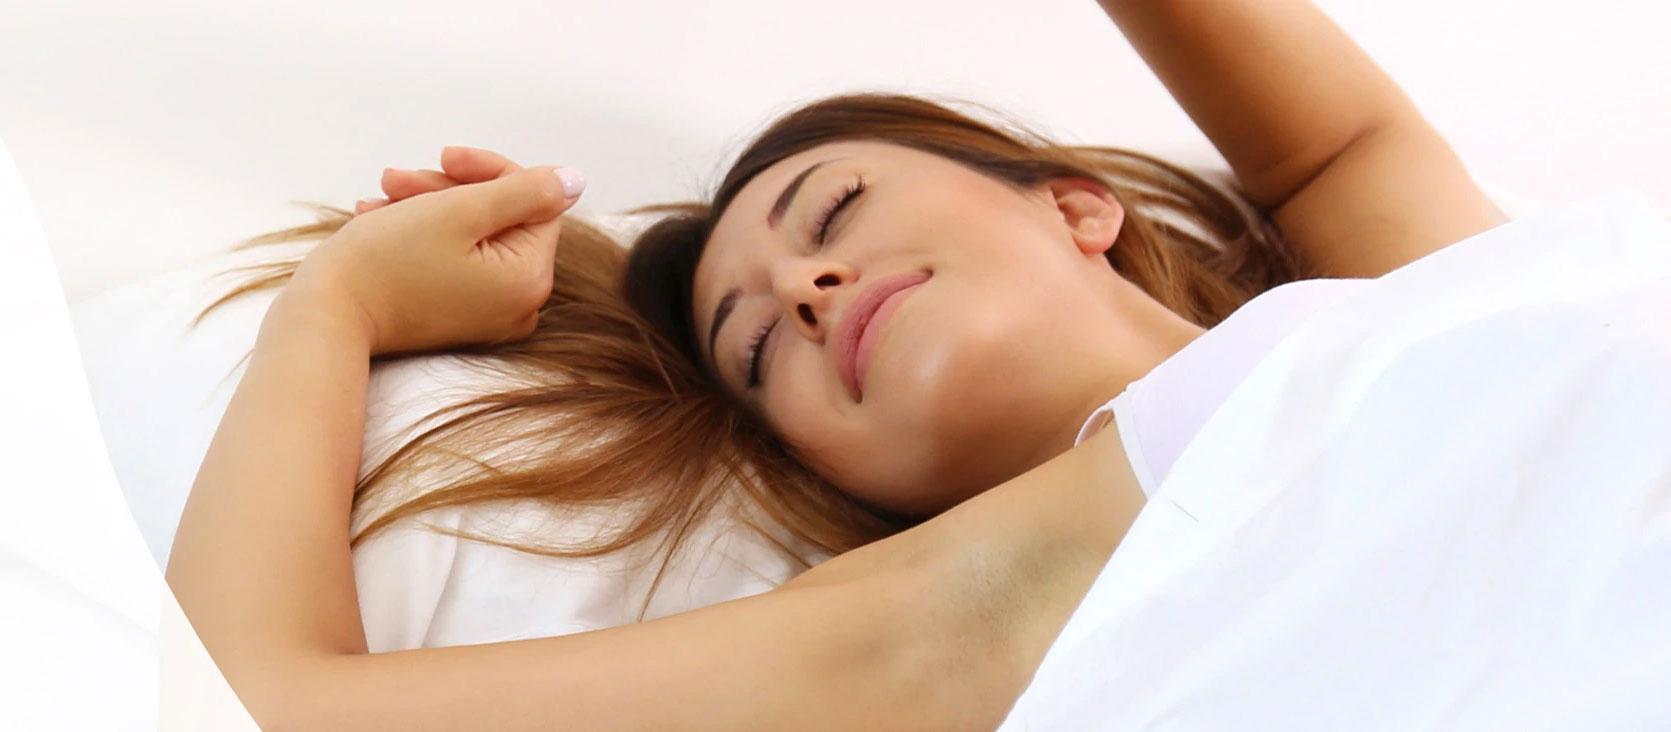 Healthy Sleep On New Mattress